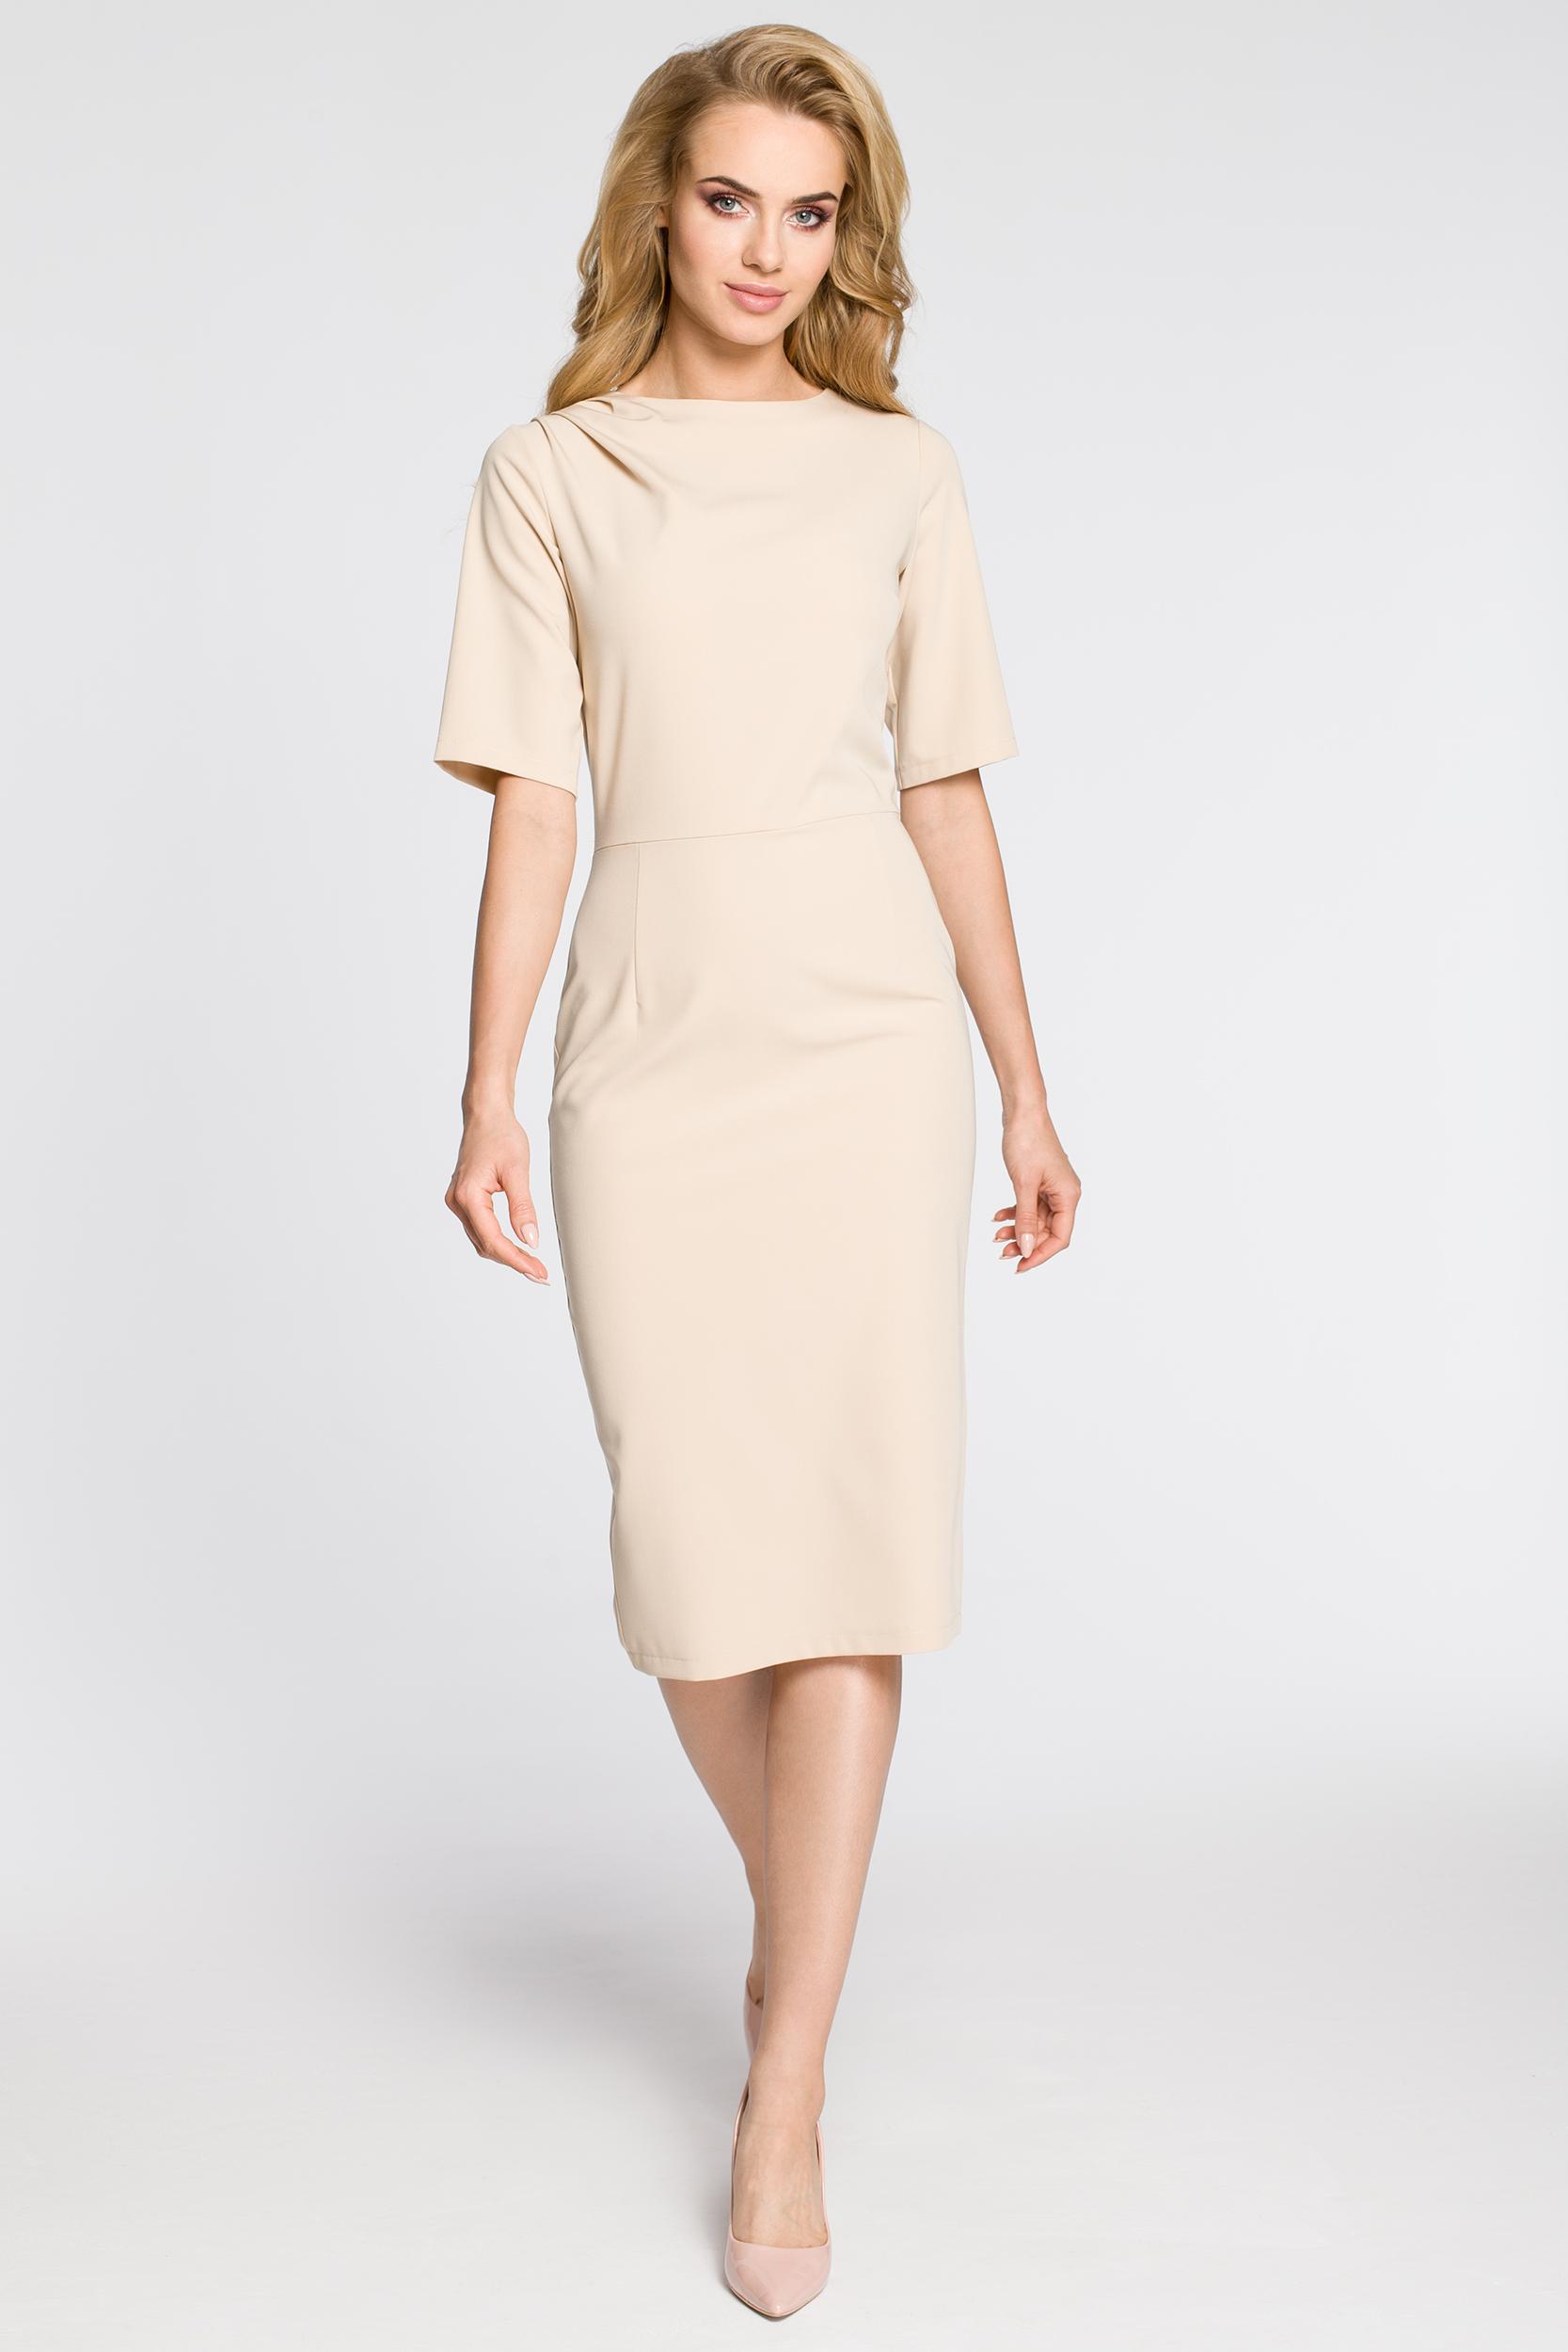 CM2682 Dopasowana sukienka ołówkowa za kolano - beżowa